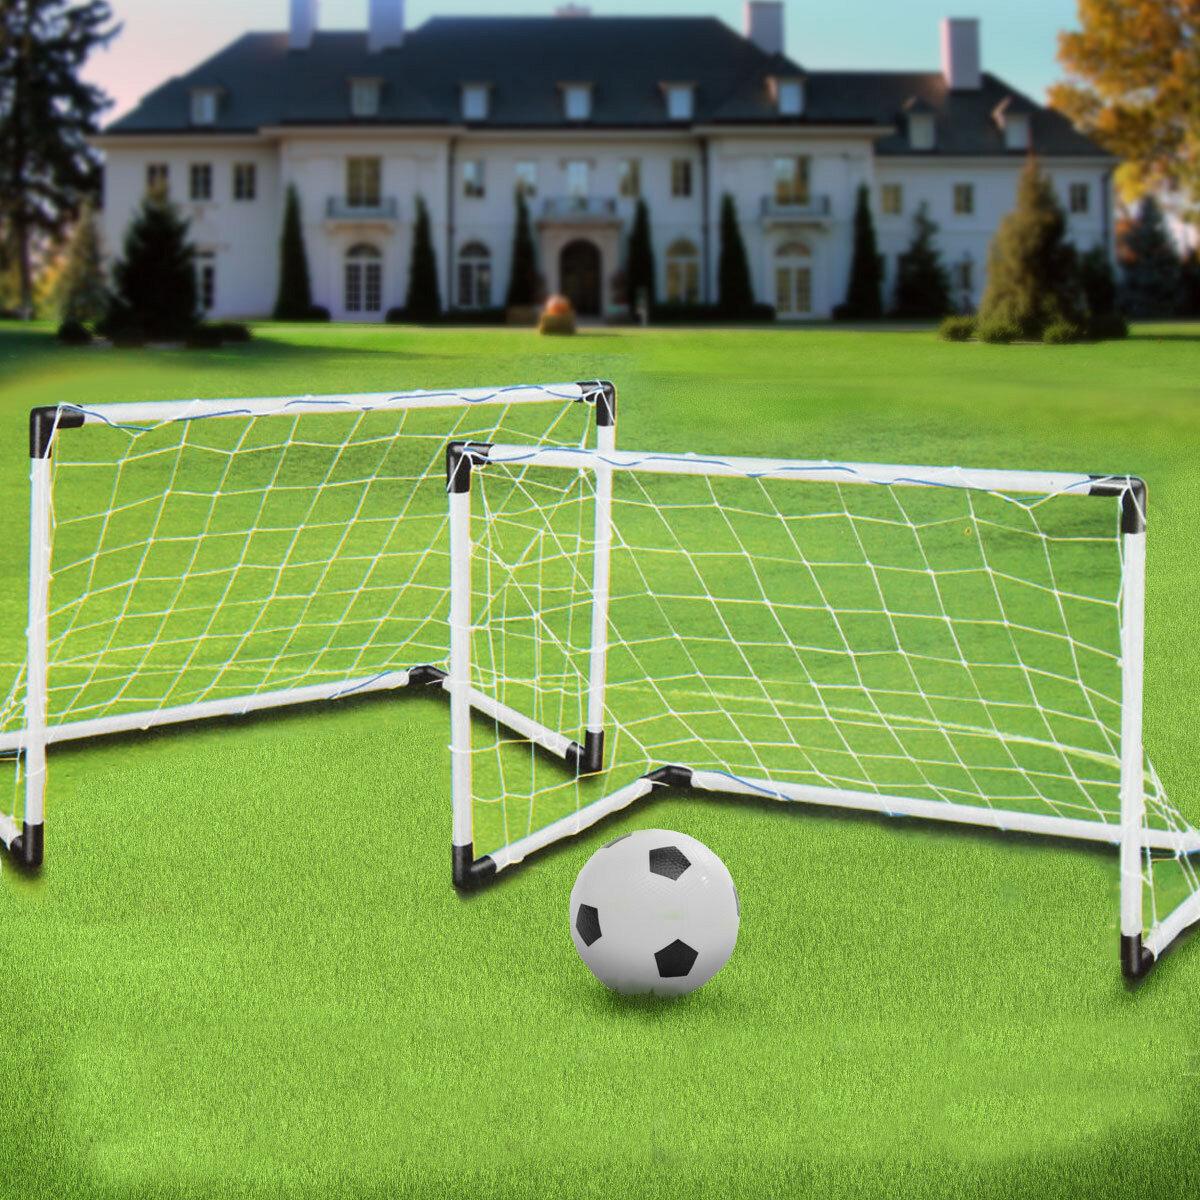 Soccer Goals For Sale >> 2 Mini Set Football Soccer Goal Post Net Ball Pump Kids Outdoor Sport Training